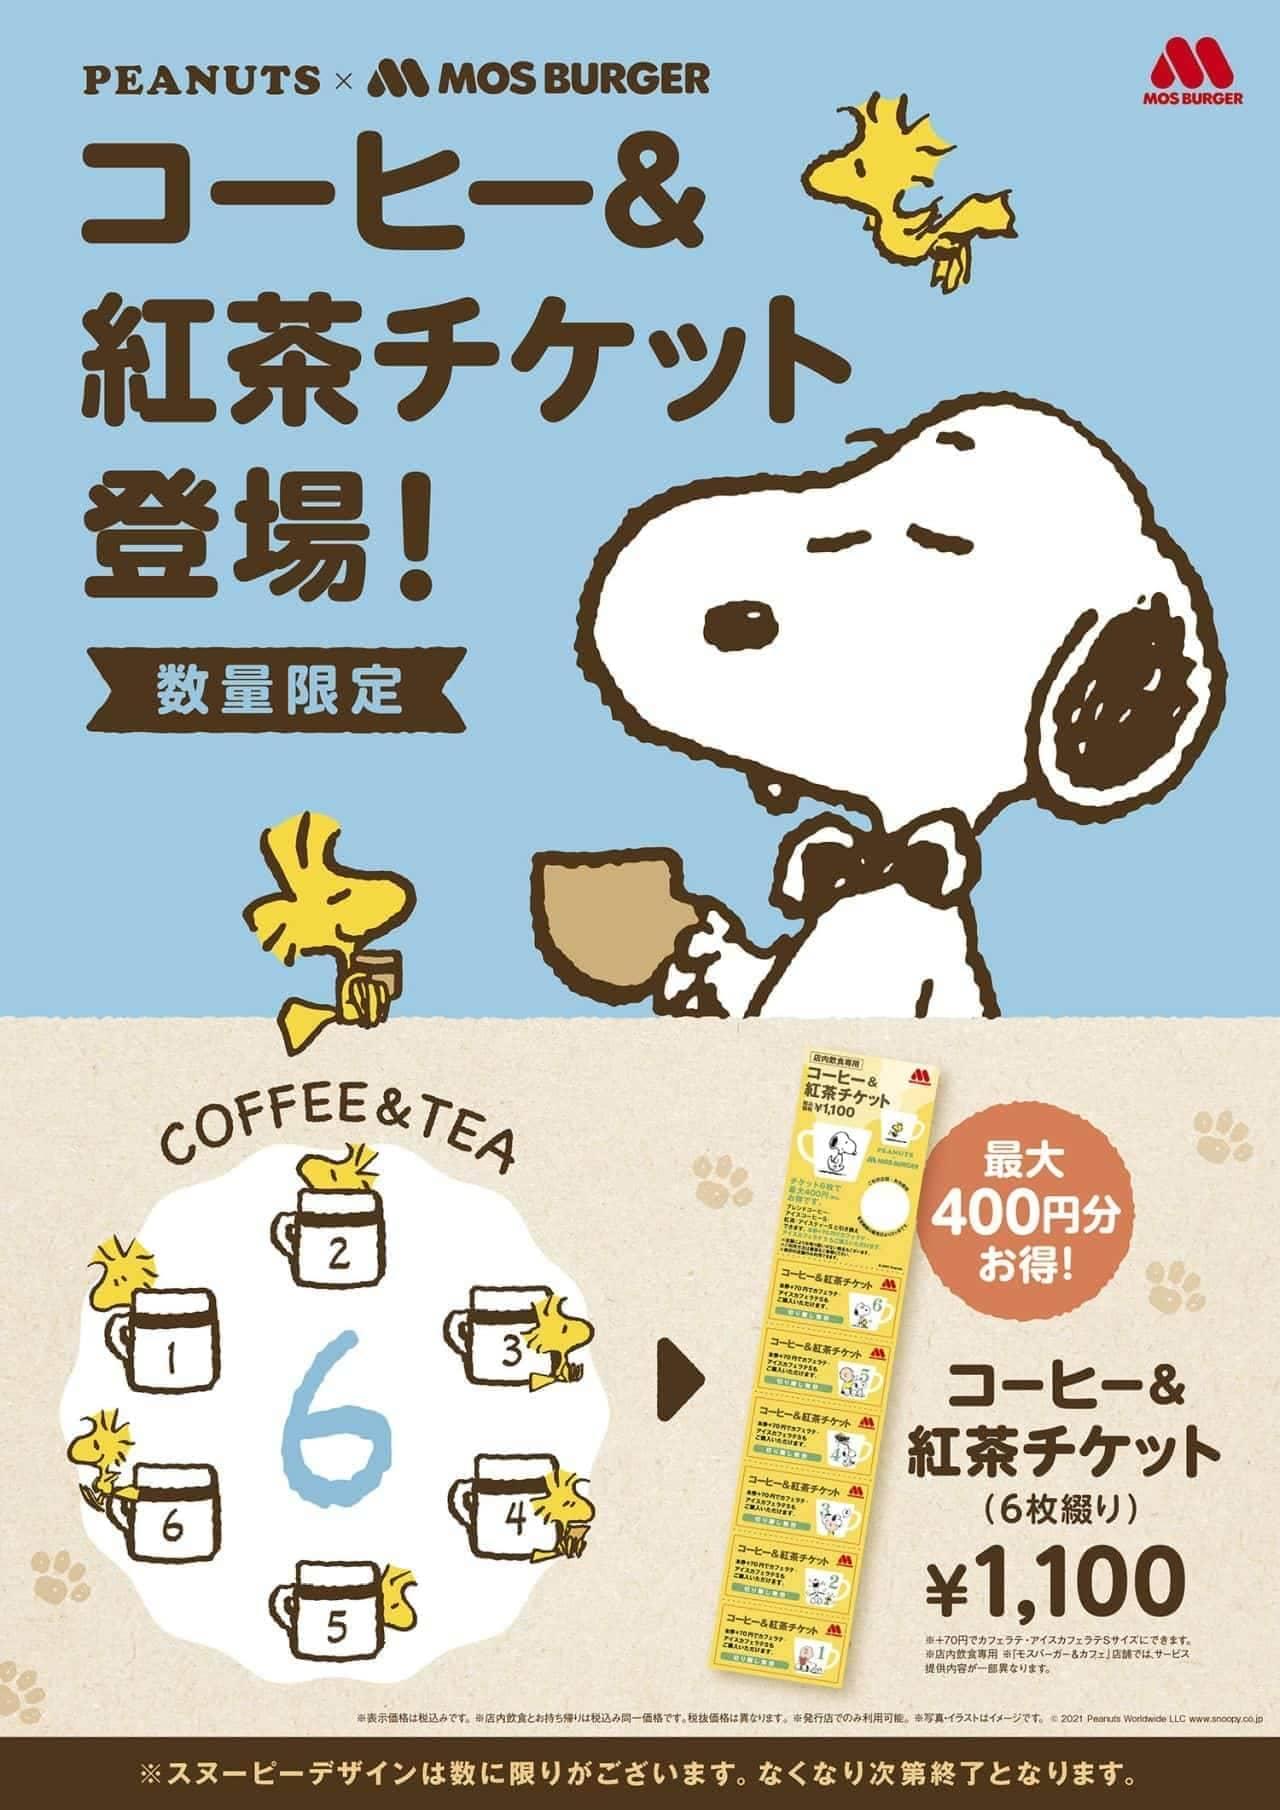 モスバーガー「スヌーピー」特別デザインの「コーヒー&紅茶チケット」